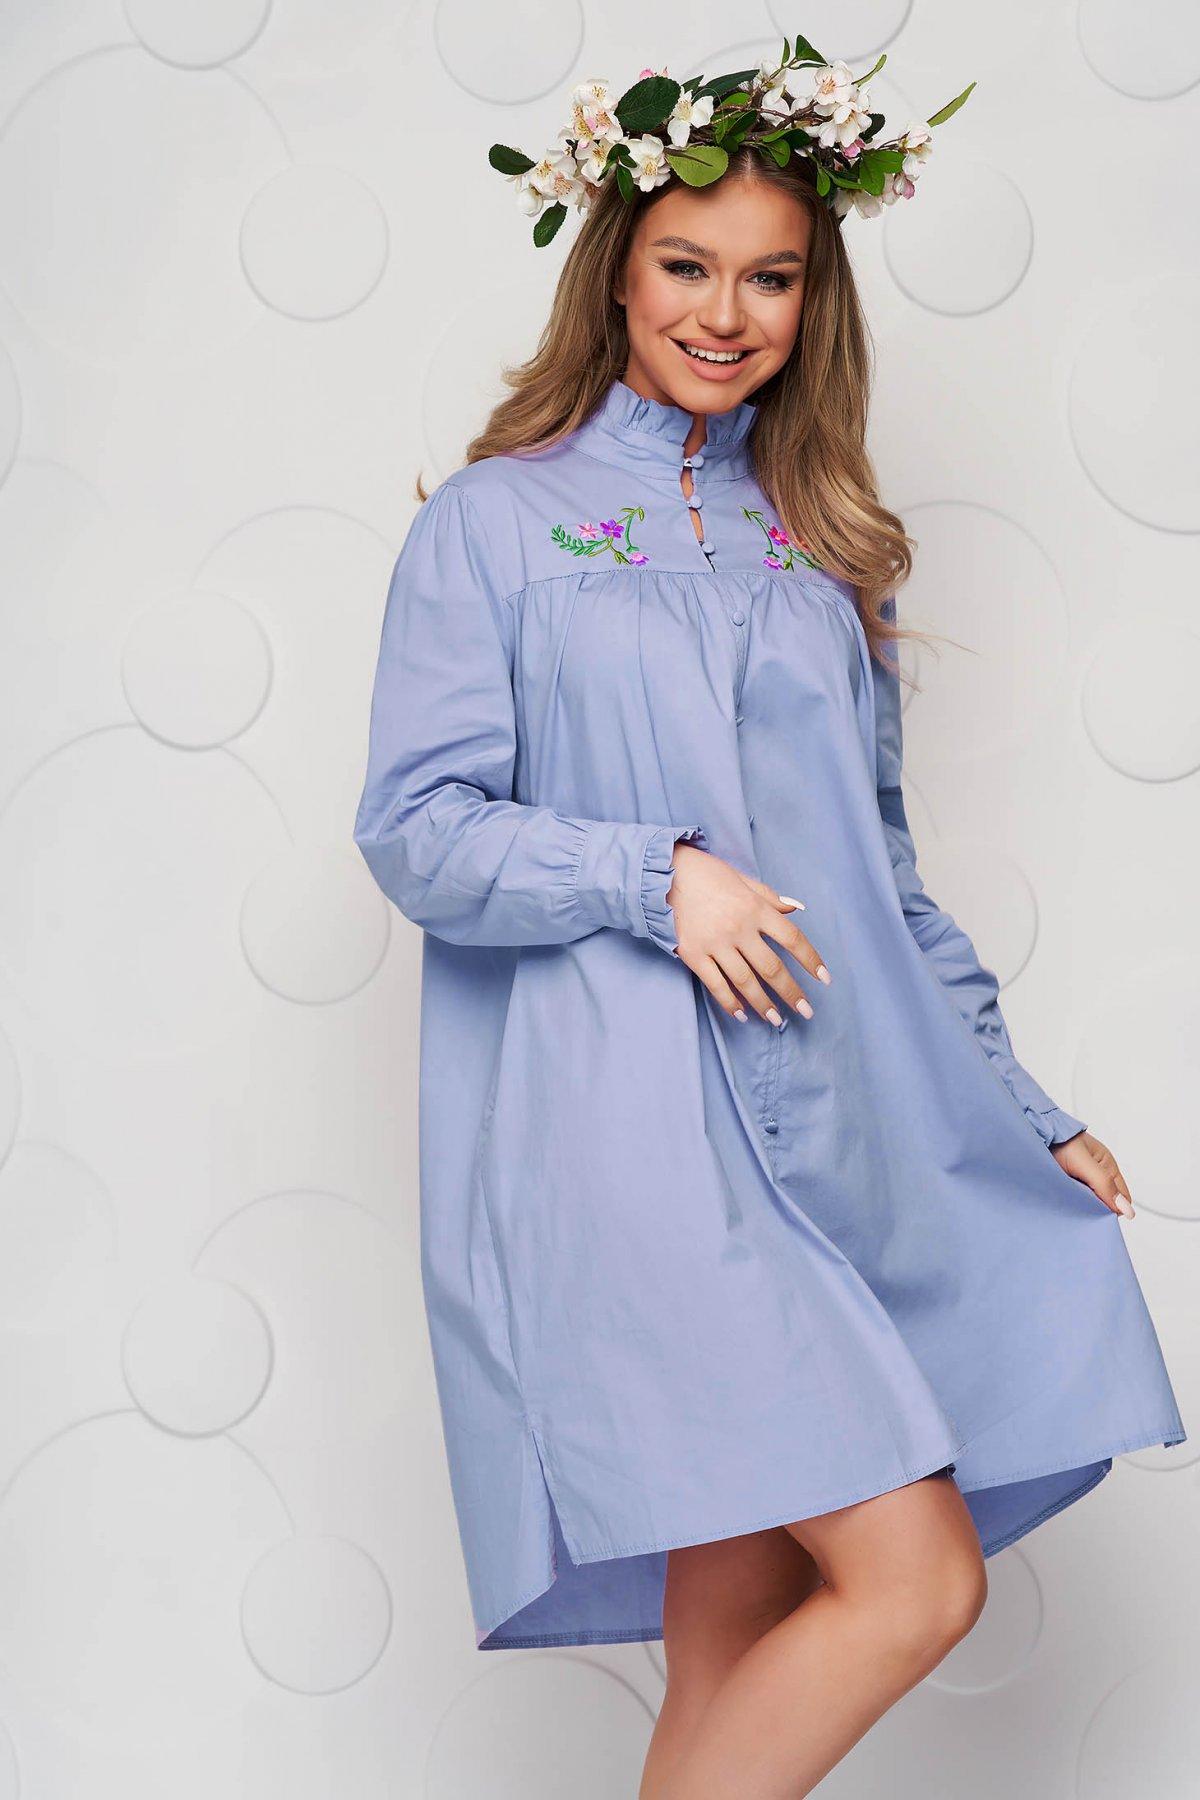 Rochie SunShine albastra din bumbac subtire brodata cu croi larg si guler cu volanase